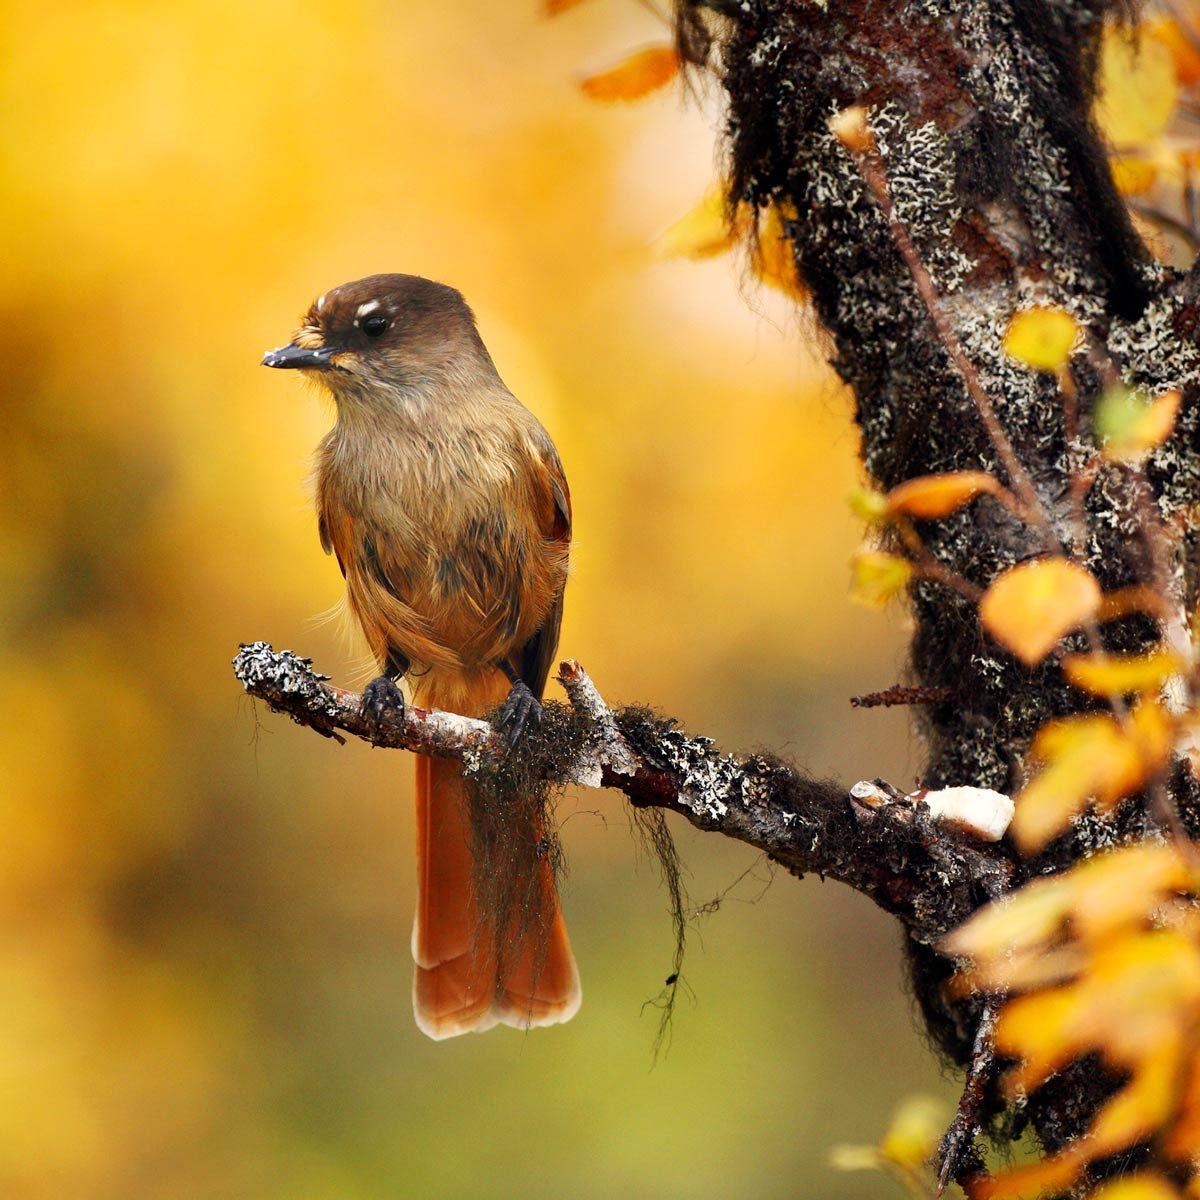 Fall Backyard Birding Checklist Tips To Attract More